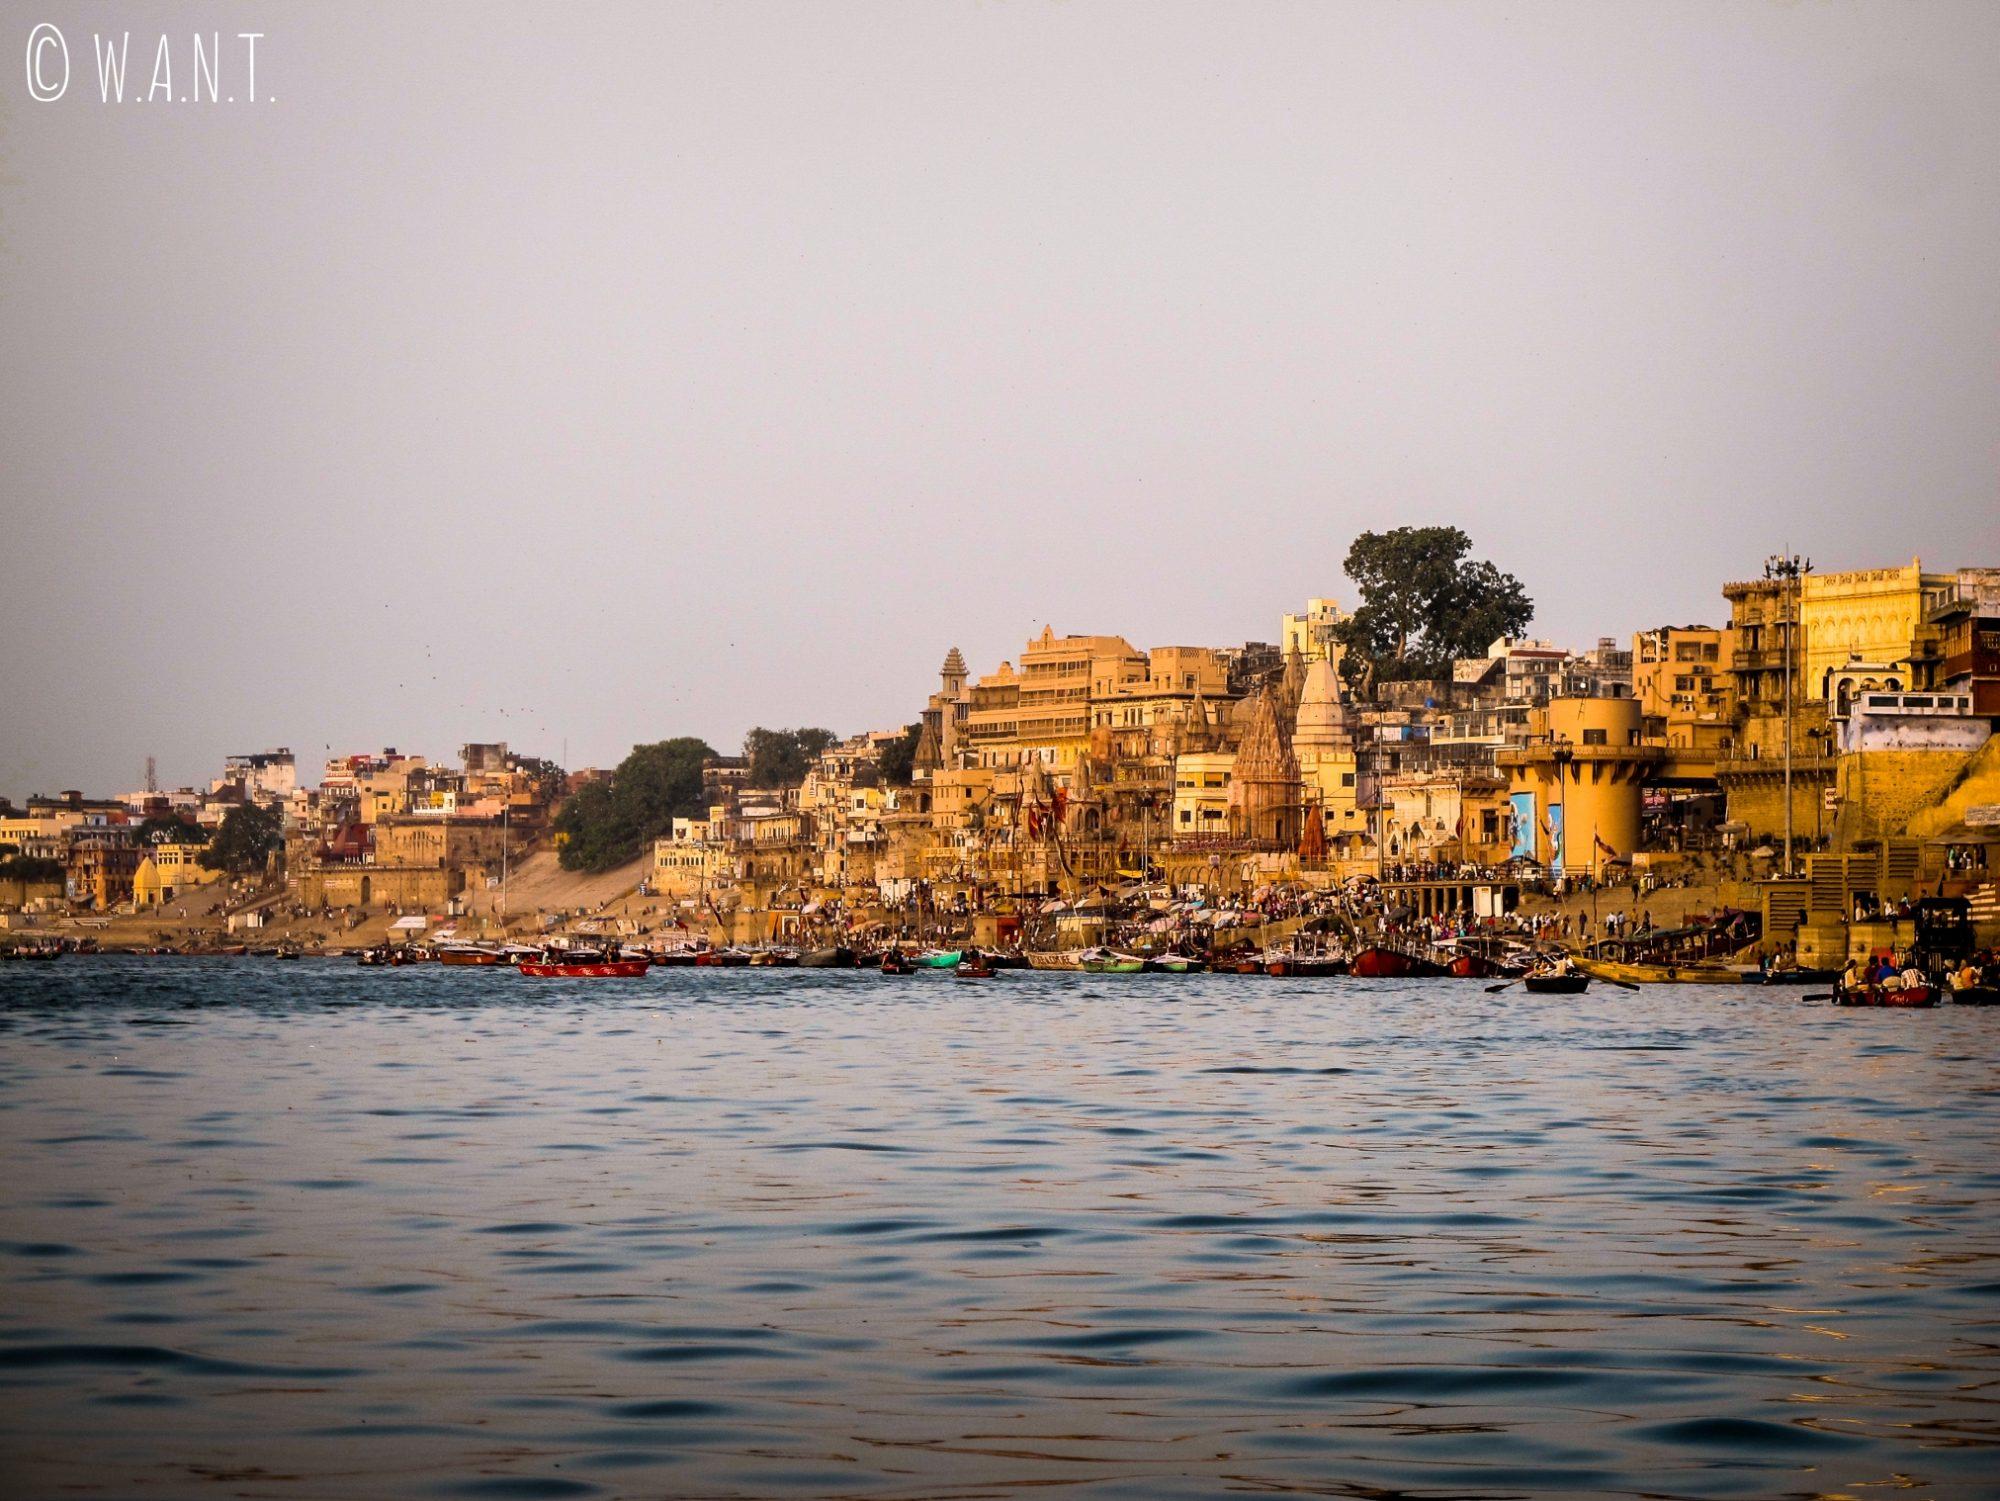 Vue sur les ghats de Varanasi depuis le Gange